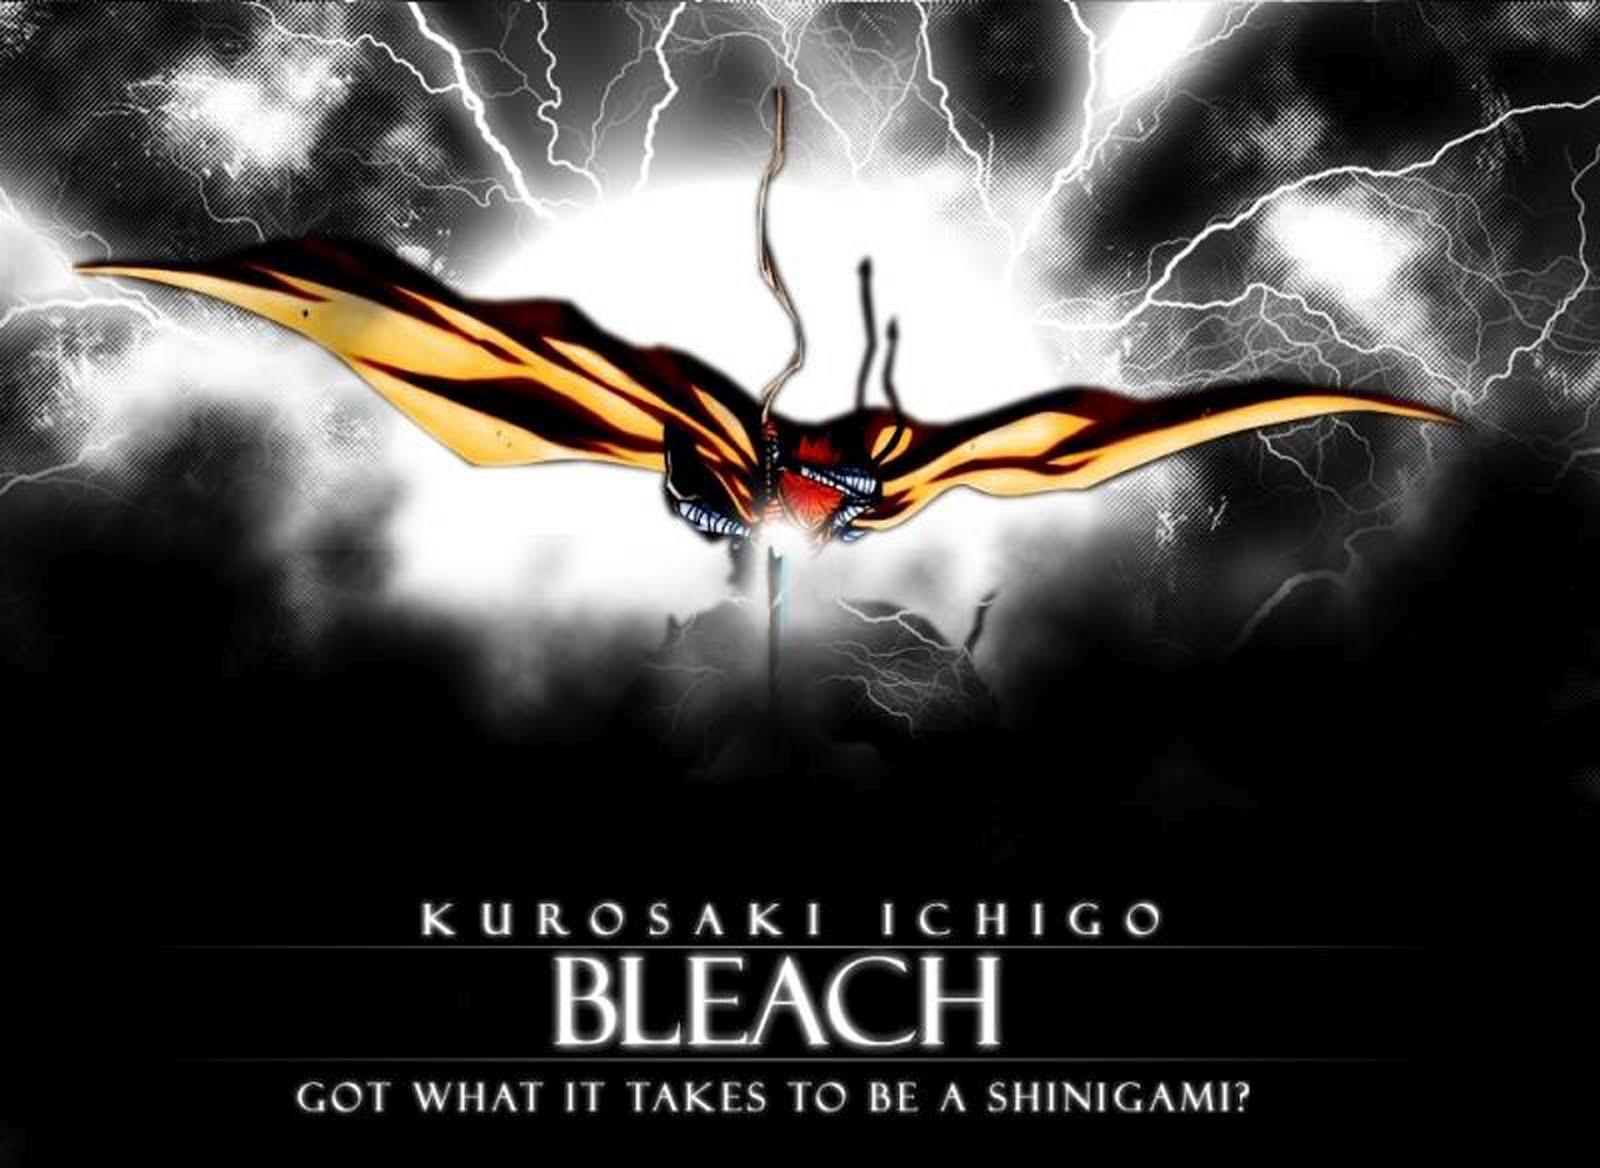 http://2.bp.blogspot.com/-jgbv28GlAXo/T_RI28oYQ_I/AAAAAAAAAG8/vWOBAnPETRE/s1600/Bleach-bleach-anime-40011_1920_1401.jpg